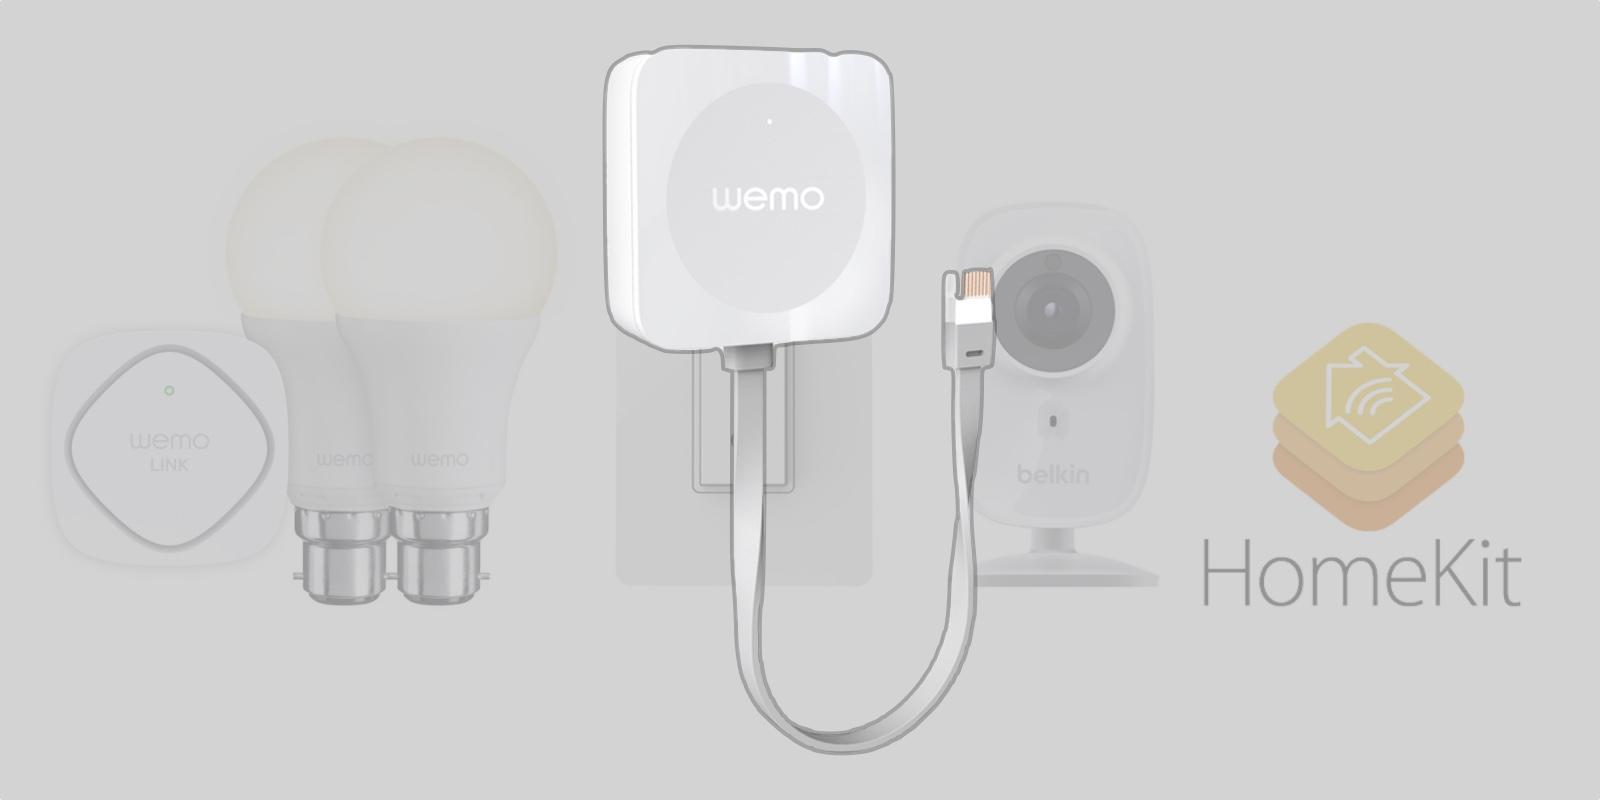 Belkin Wemo Smart Home Accessories To Add Homekit Support